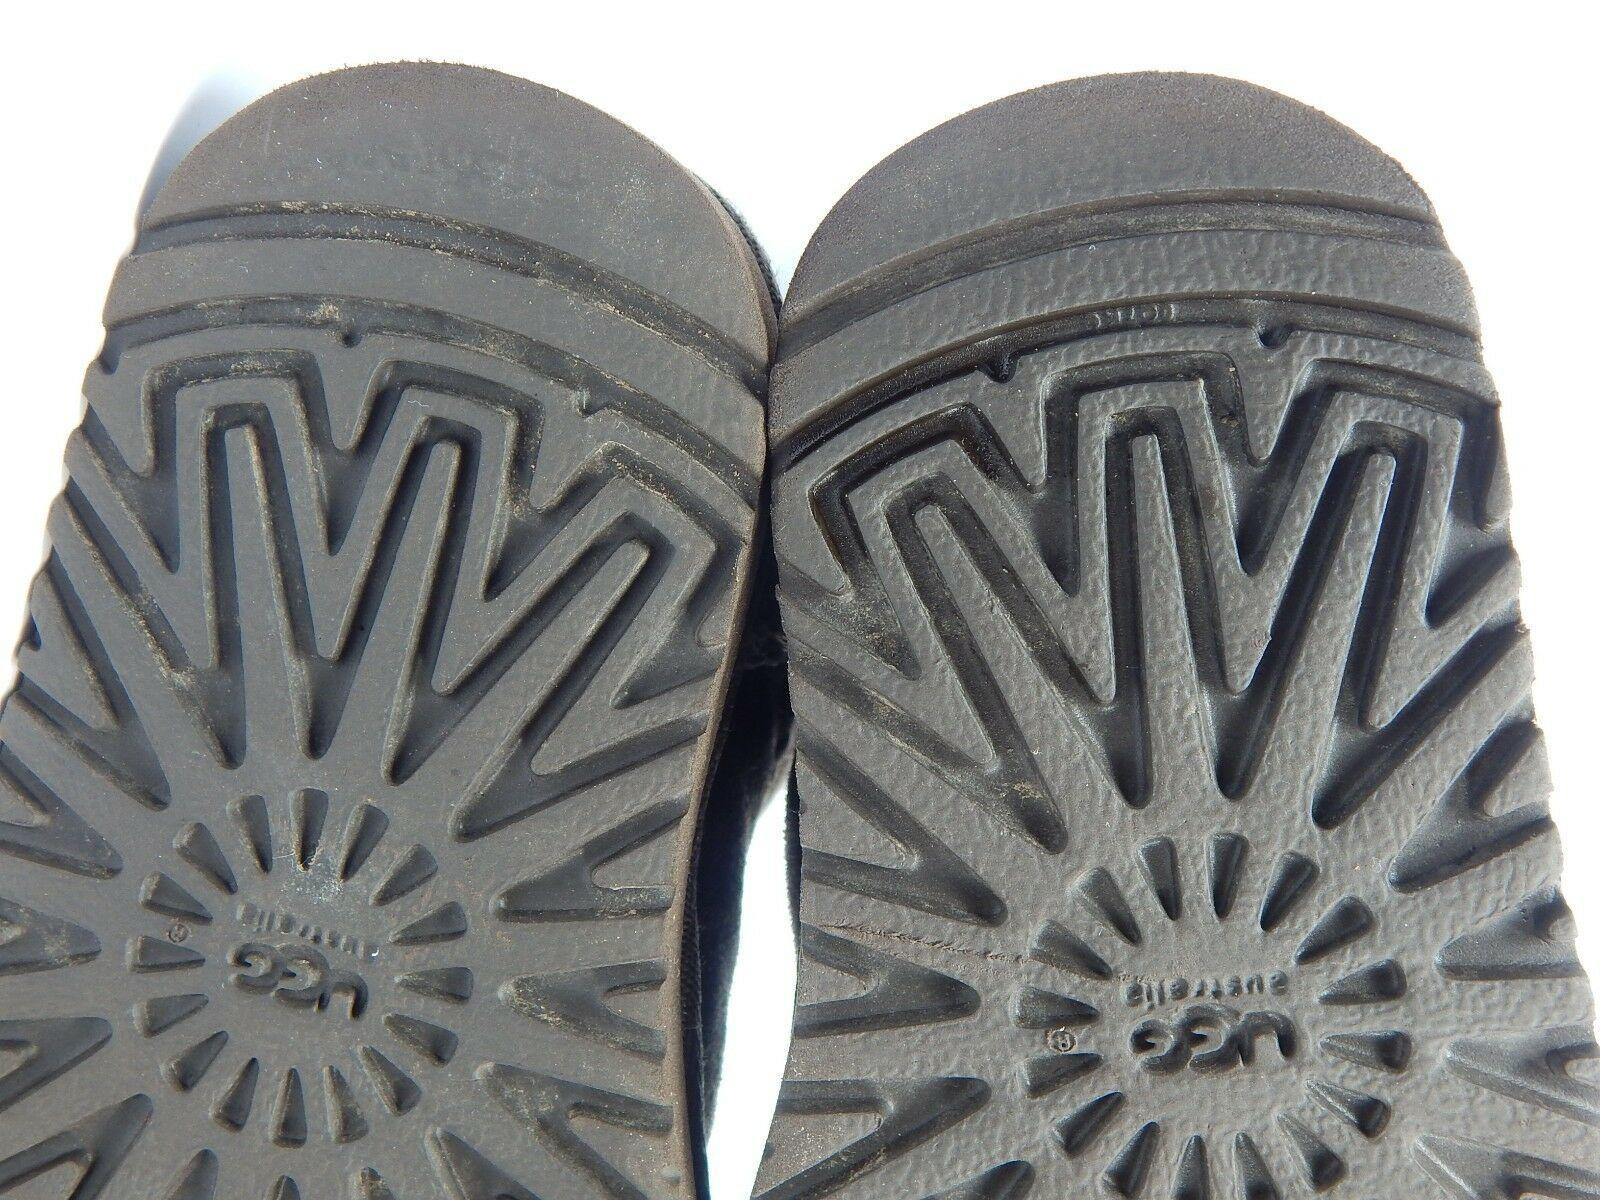 Ugg Australien Klassisch Braun Shorts Stiefel Kleinkinder Kleiner Kinder Größe 7